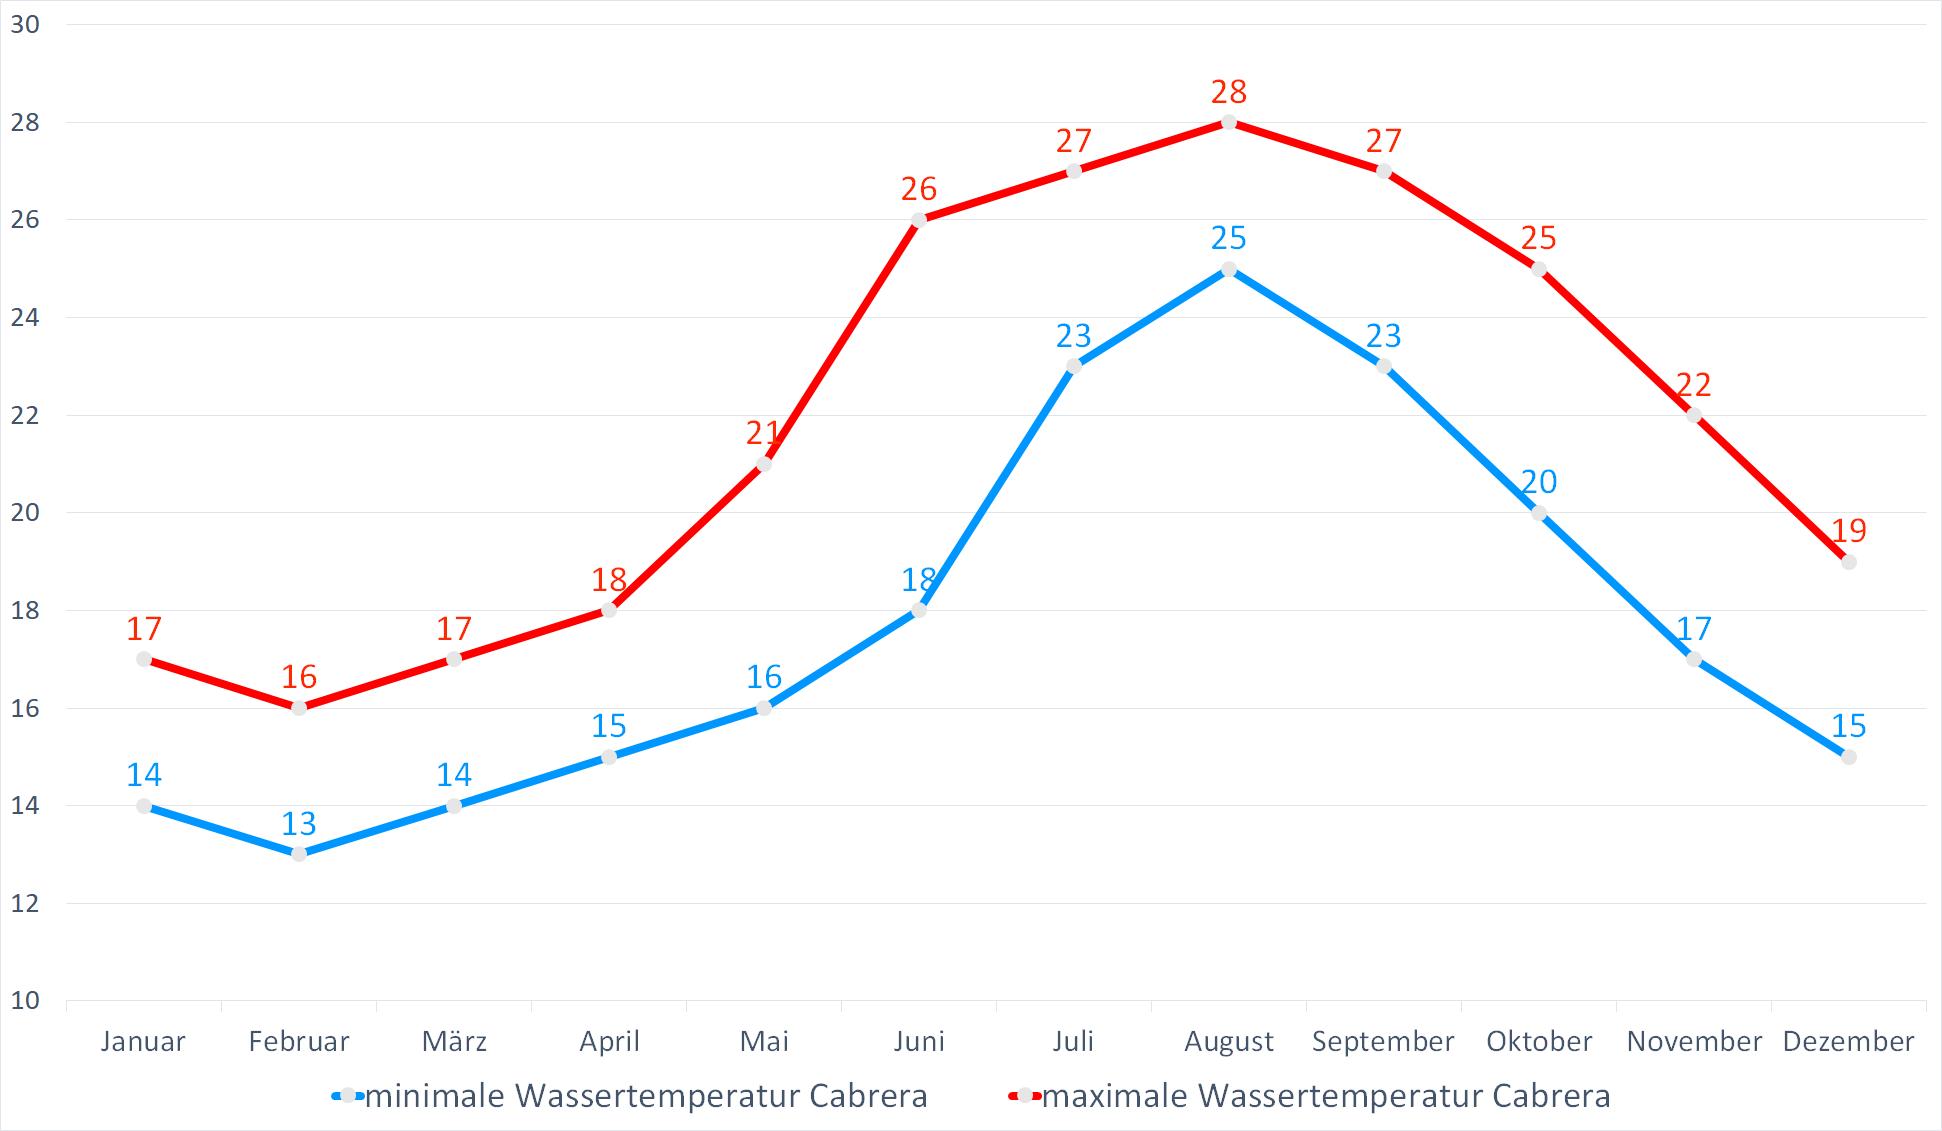 Minimale & Maximale Wassertemperaturen für Cabrera im Jahresverlauf